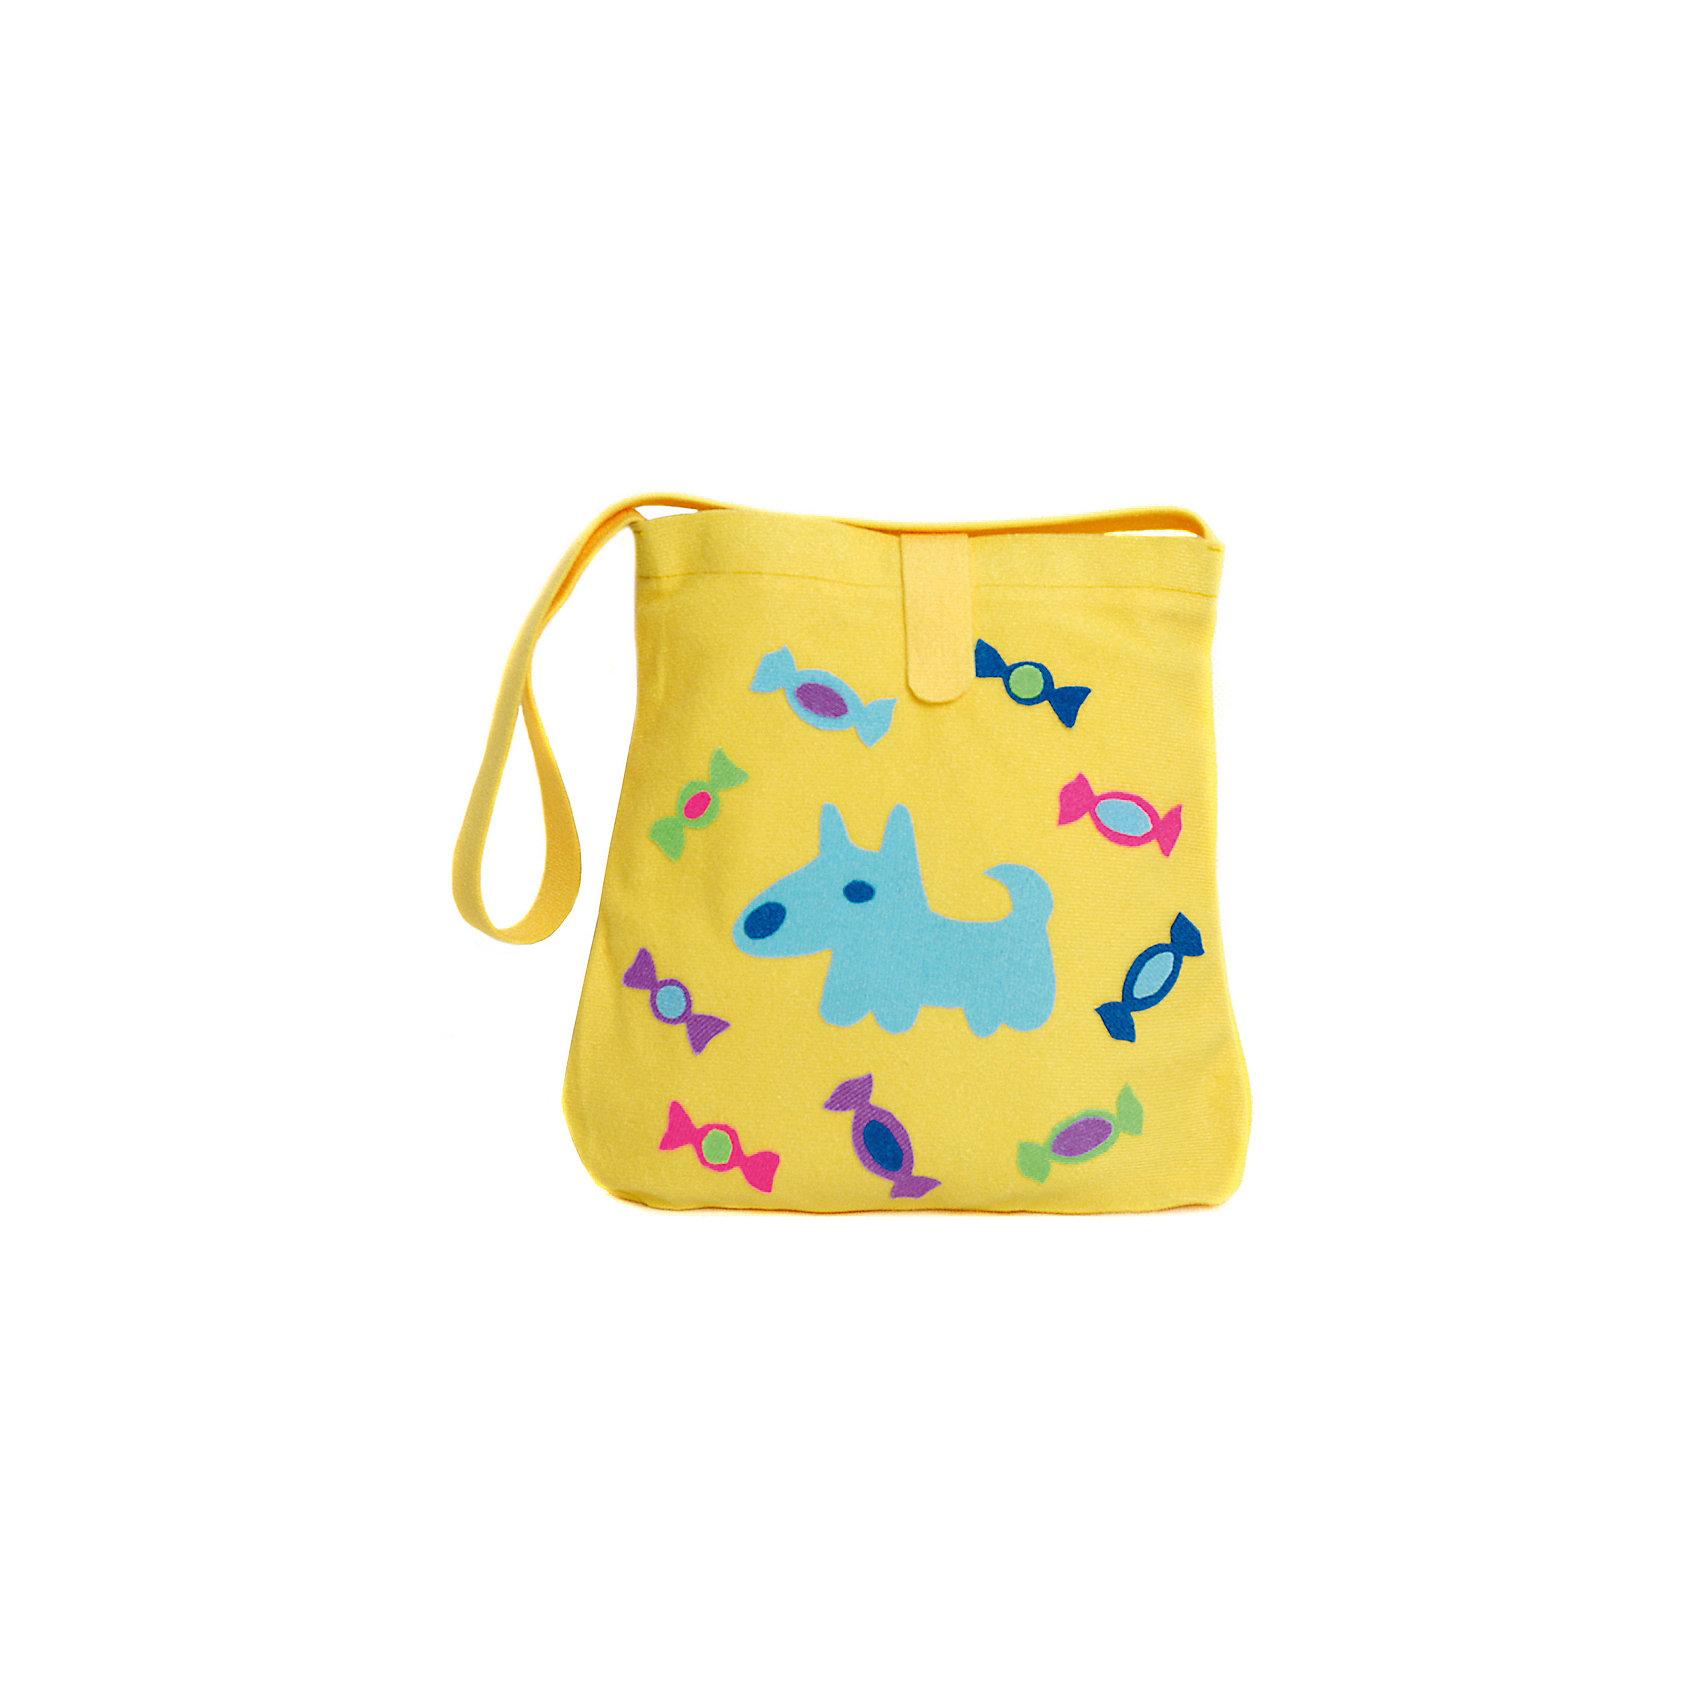 Стигис-аппликация Сумка детская, жёлтаяРукоделие<br>Если девочка давно мечтает о красивой сумке с оригинальной аппликацией, то ей обязательно понравится набор для стигис-аппликации на сумке. Ребенок сможет самостоятельно придумать дизайн и воссоздать его на сумочке при помощи ткани с термоклеевым слоем. Достаточно вырезать нужные элементы, выложить их на сумку и прогладить утюгом - красивая и практичная сумочка готова! В случае ошибки ткань можно снова прогладить утюгом, и она отклеится. Такой вид детского творчество хорошо развивает аккуратность, воображение и дизайнерские способности. Отличный подарок для юных рукодельниц!<br><br>Дополнительная информация: <br>В комплекте: сумка, кусочки stigis-ткани, выкройки, инструкция<br>Цвет: желтый<br>Размер: 3,5х27х20 см<br>Вес: 110 грамм<br>Набор для стигис-аппликации можно купить в нашем интернет-магазине.<br><br>Ширина мм: 200<br>Глубина мм: 270<br>Высота мм: 35<br>Вес г: 110<br>Возраст от месяцев: 60<br>Возраст до месяцев: 120<br>Пол: Унисекс<br>Возраст: Детский<br>SKU: 4939425